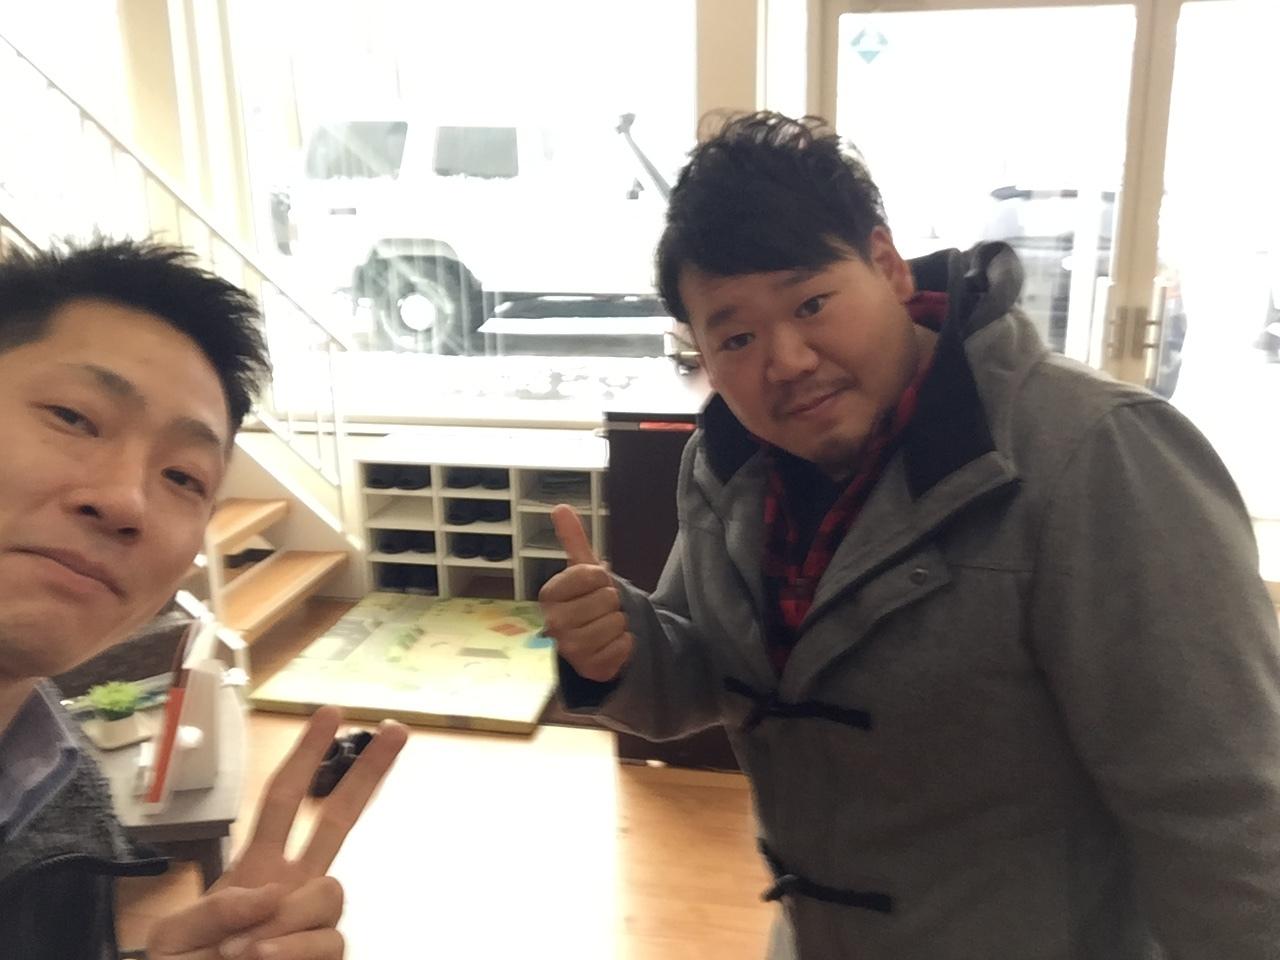 12月3日トミーモータース☆本店ブログ♪トミーレンタカーT様ご利用頂きました!_b0127002_17510483.jpg